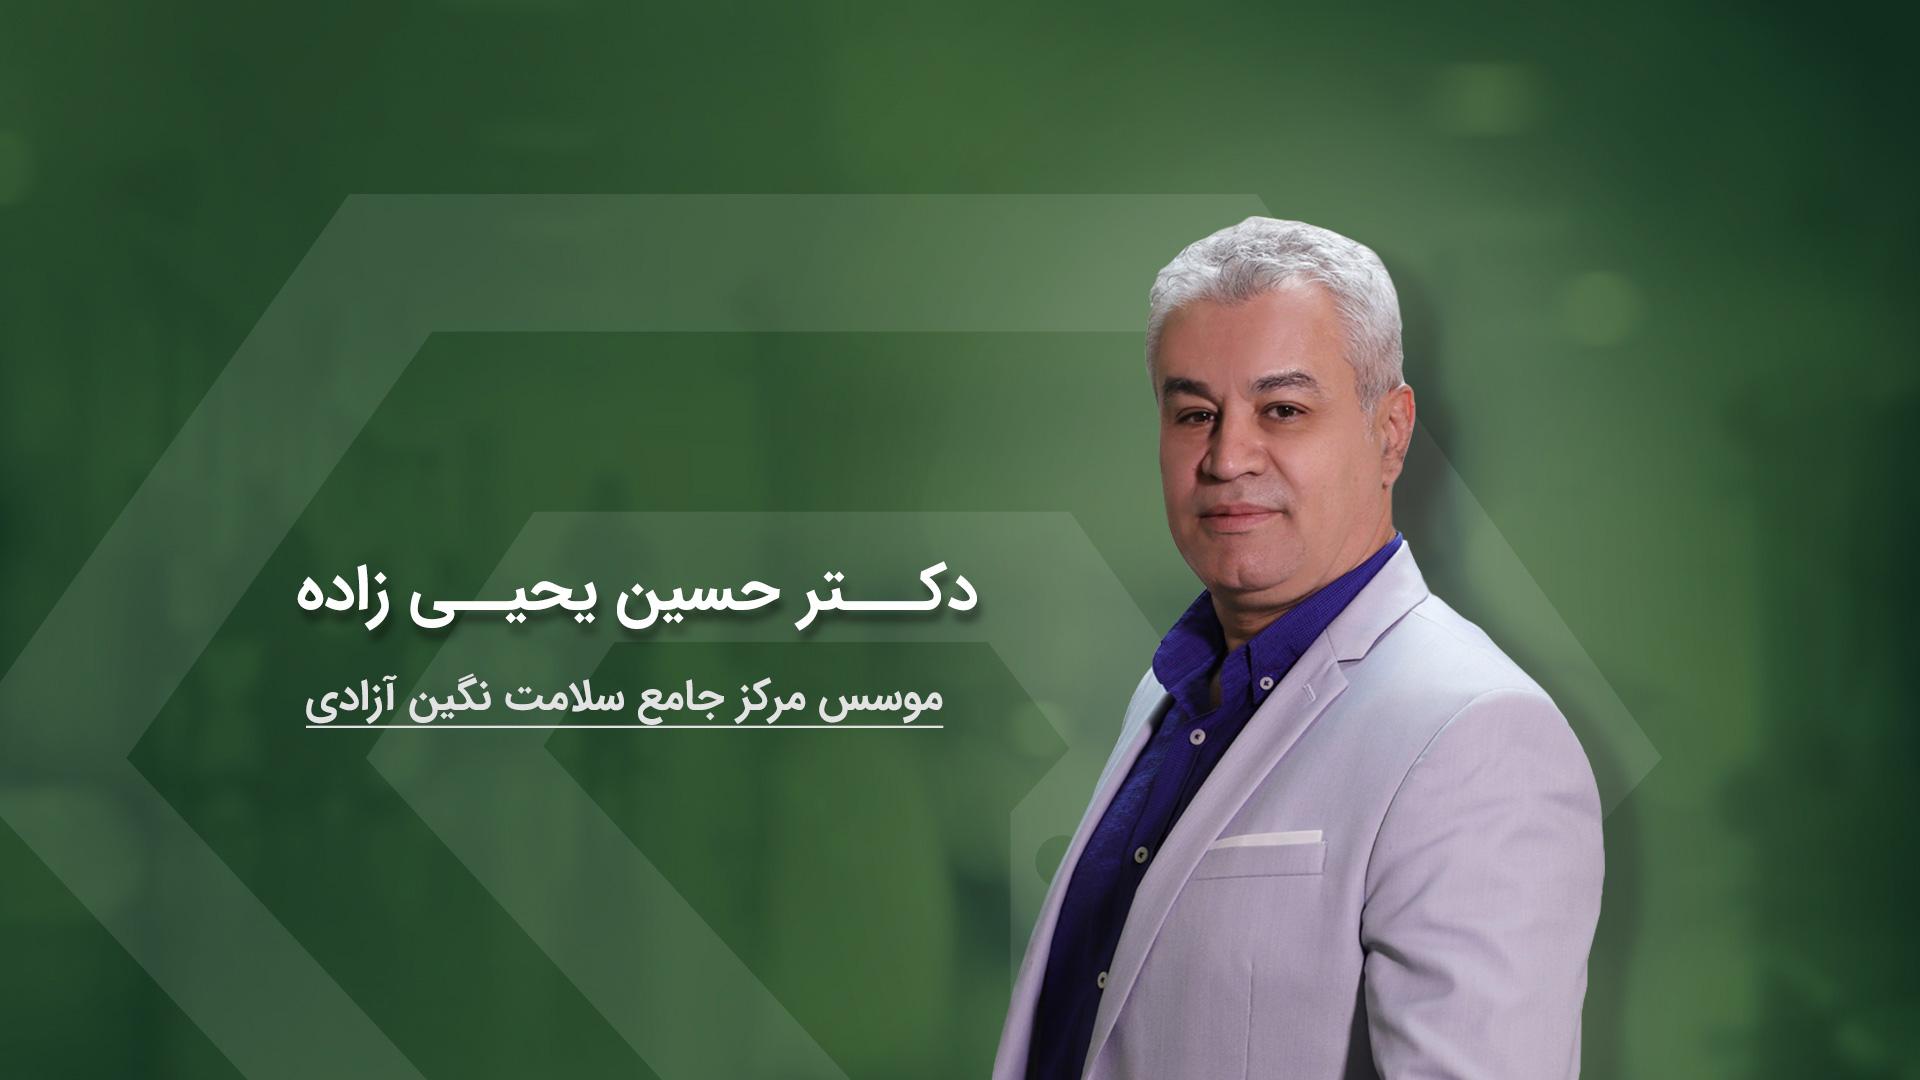 دکتر حسین یحیی زاده